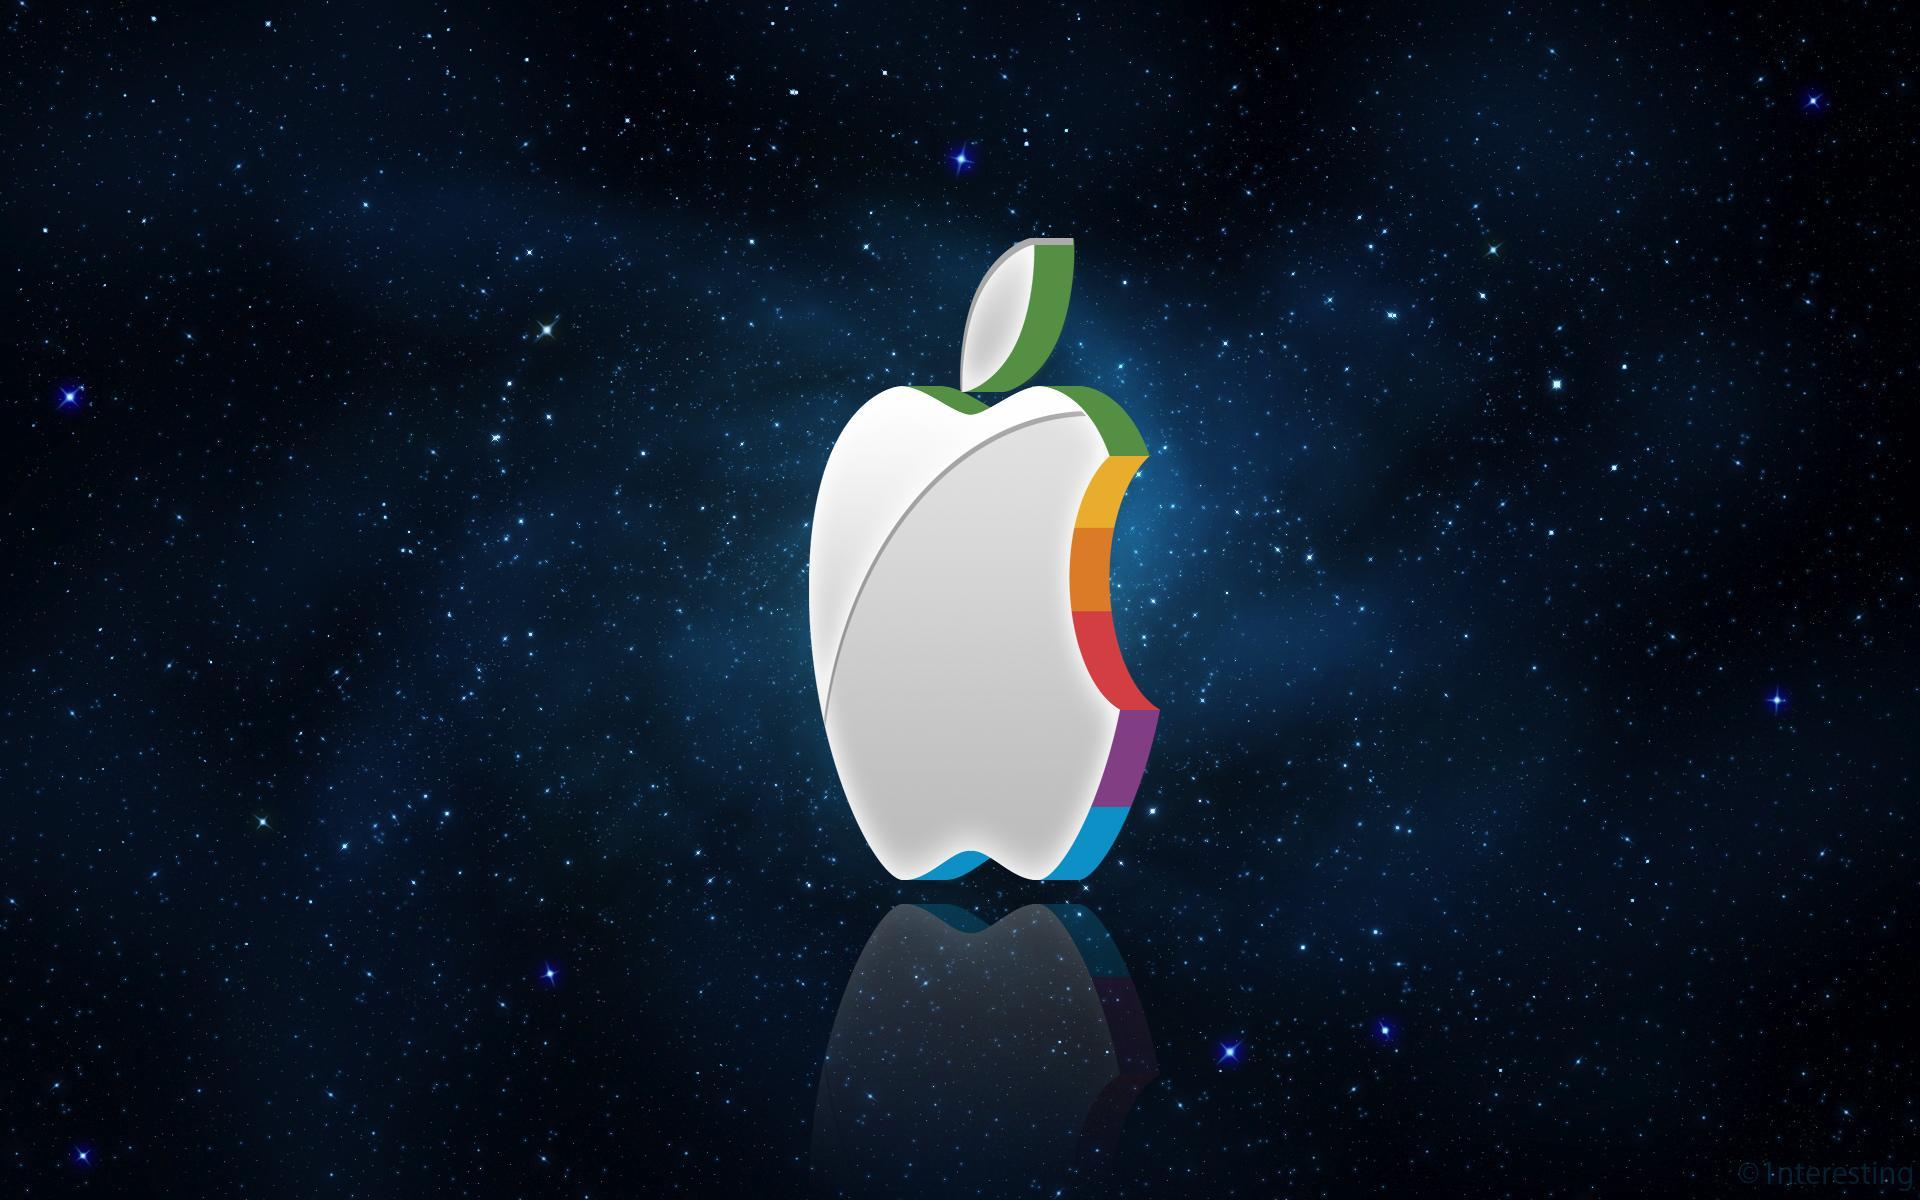 Papel De Parede Apple: 3D Wallpaper Para Download No